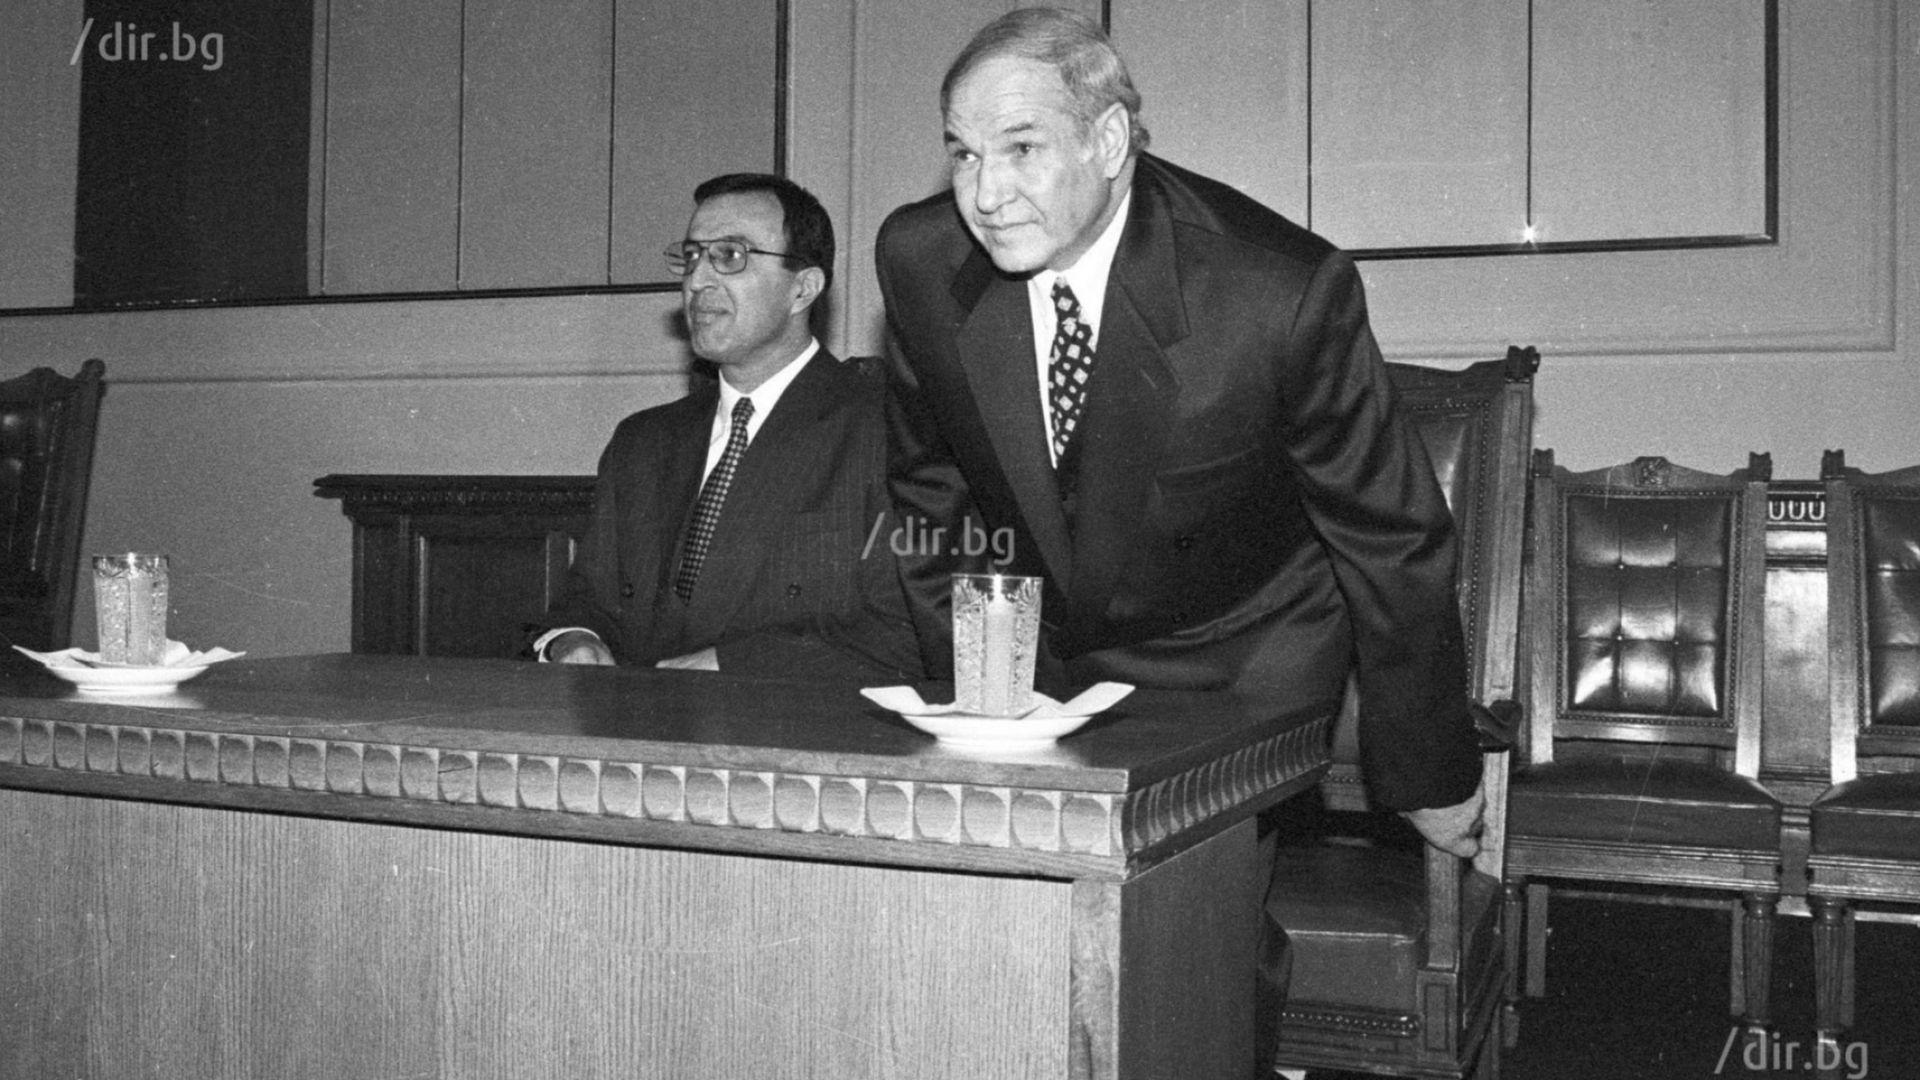 Почина Тодор Кавалджиев, вицепрезидент на България (1997-2002)